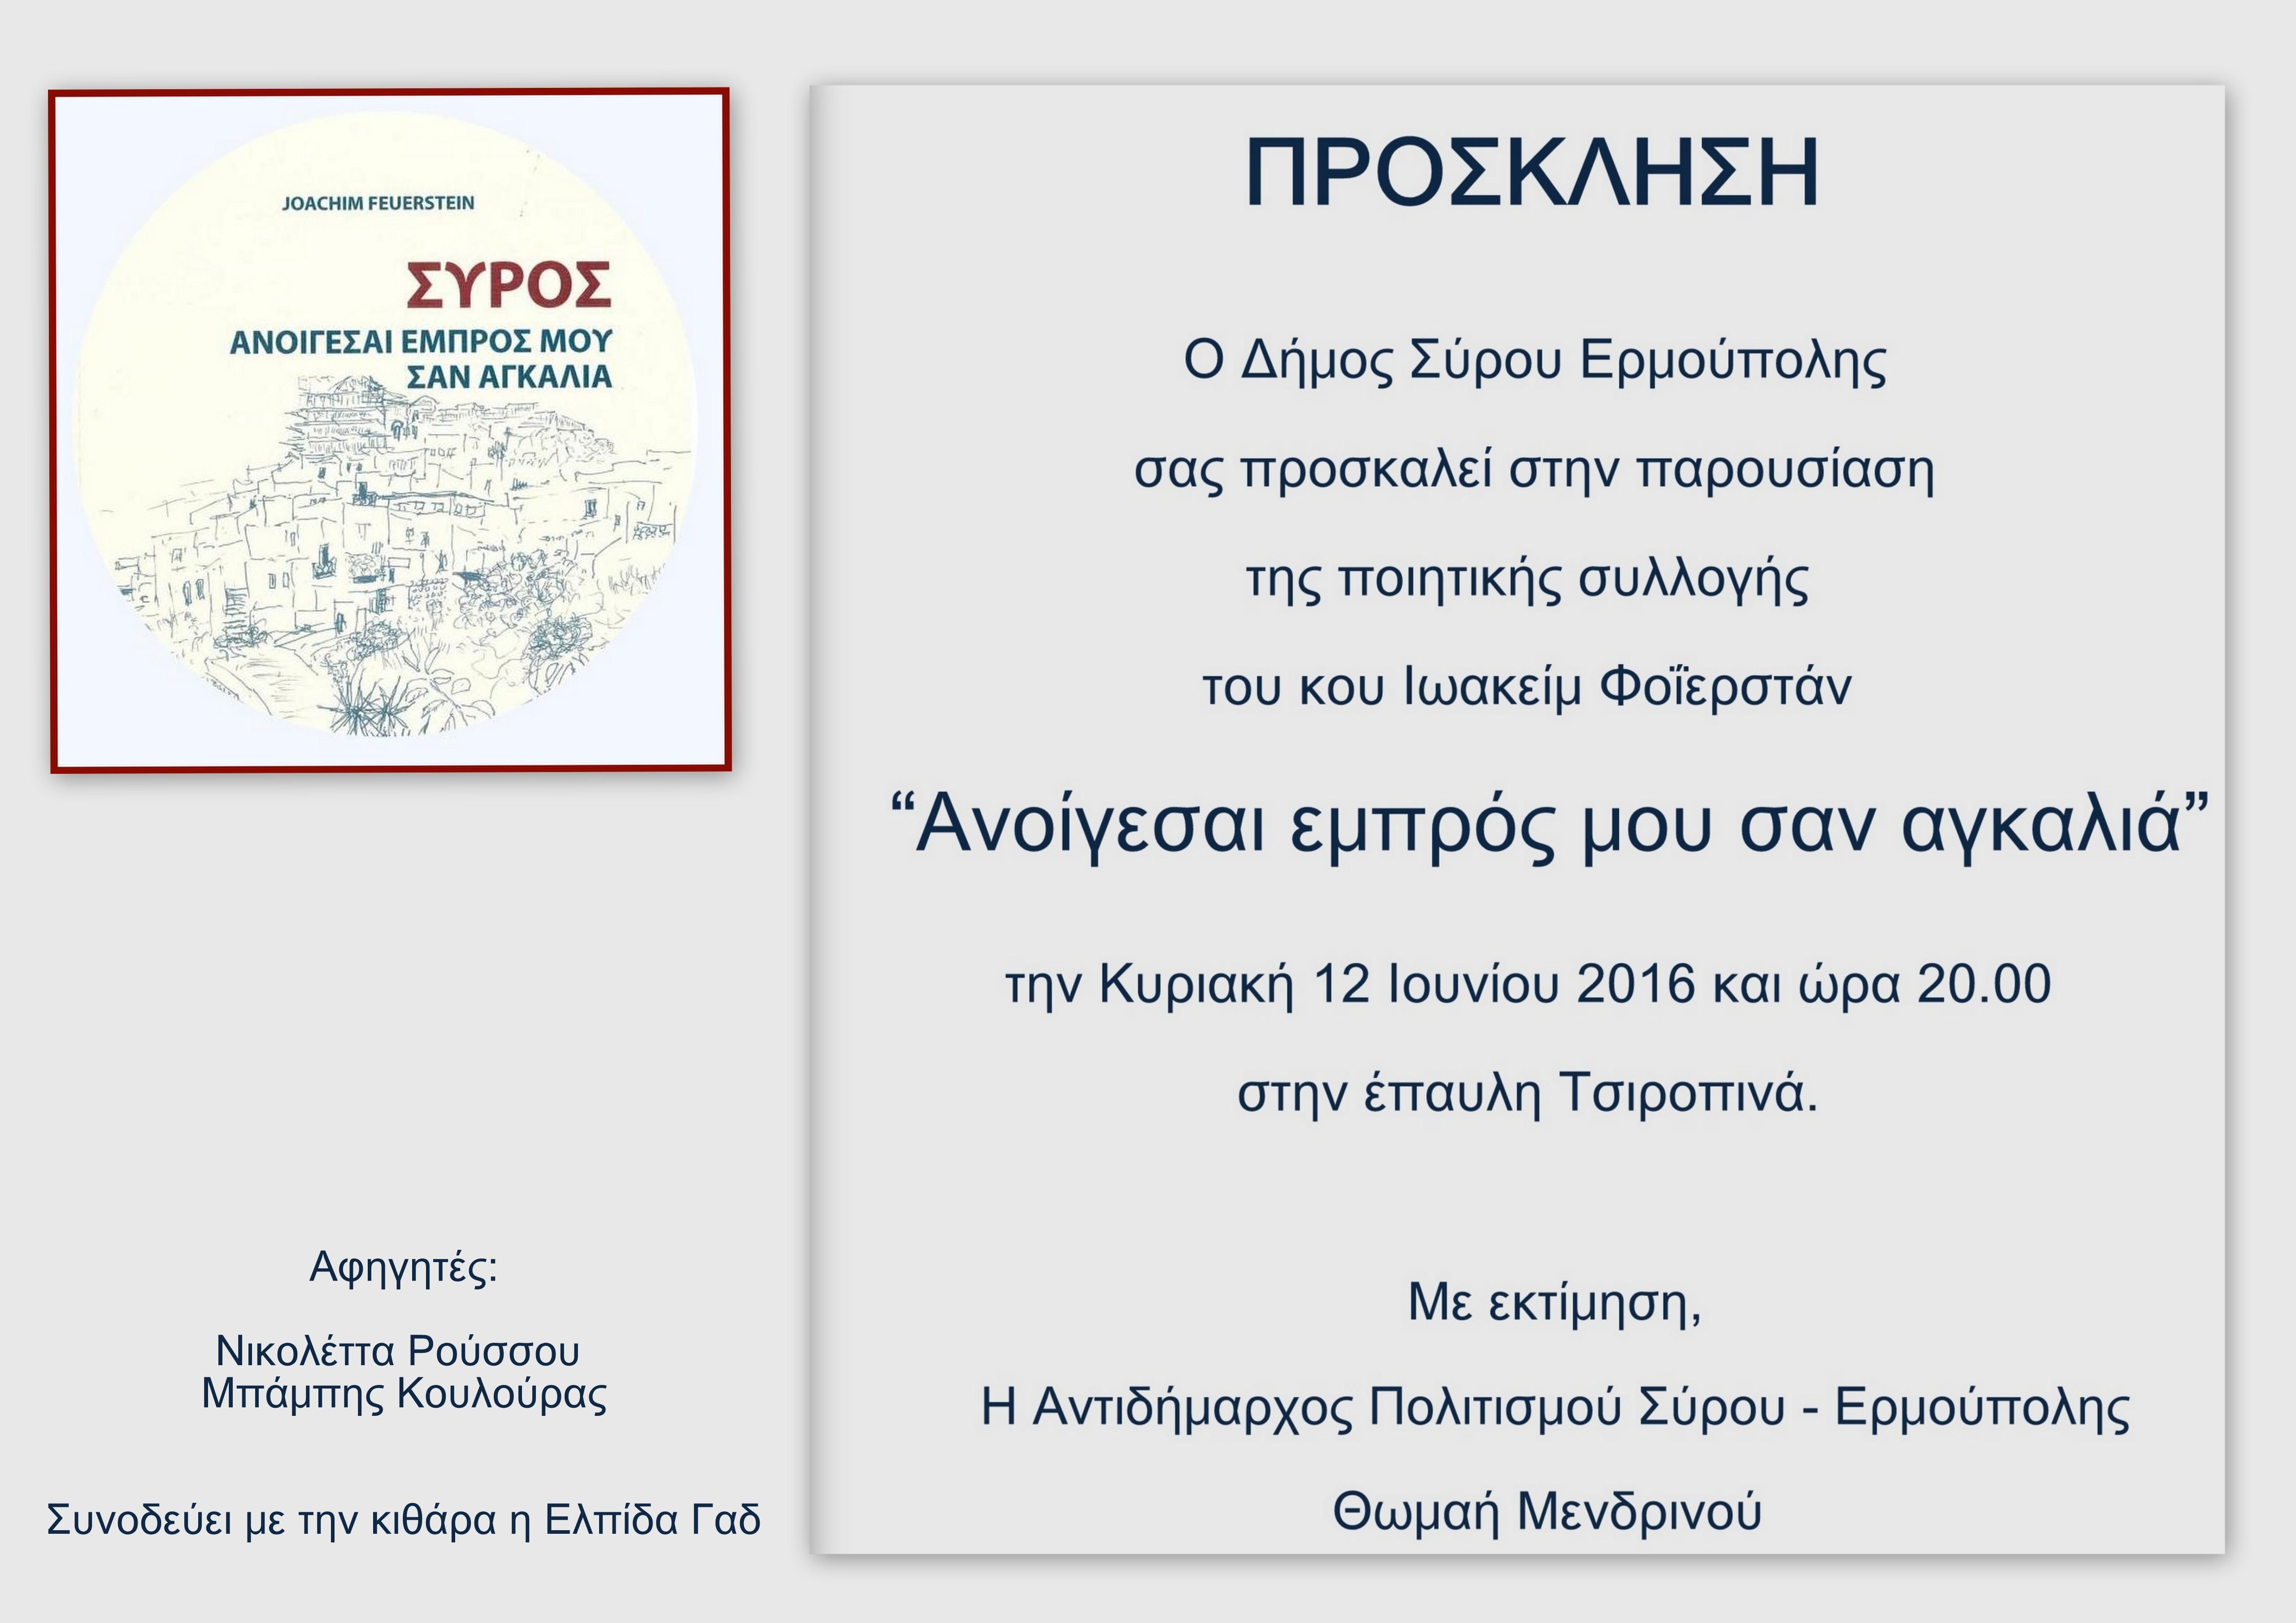 ΠΡΟΣΚΛΗΣΗ ΙΩΑΚΕΙΜ ΦΟΙΕΡΣΤΑΙΝ